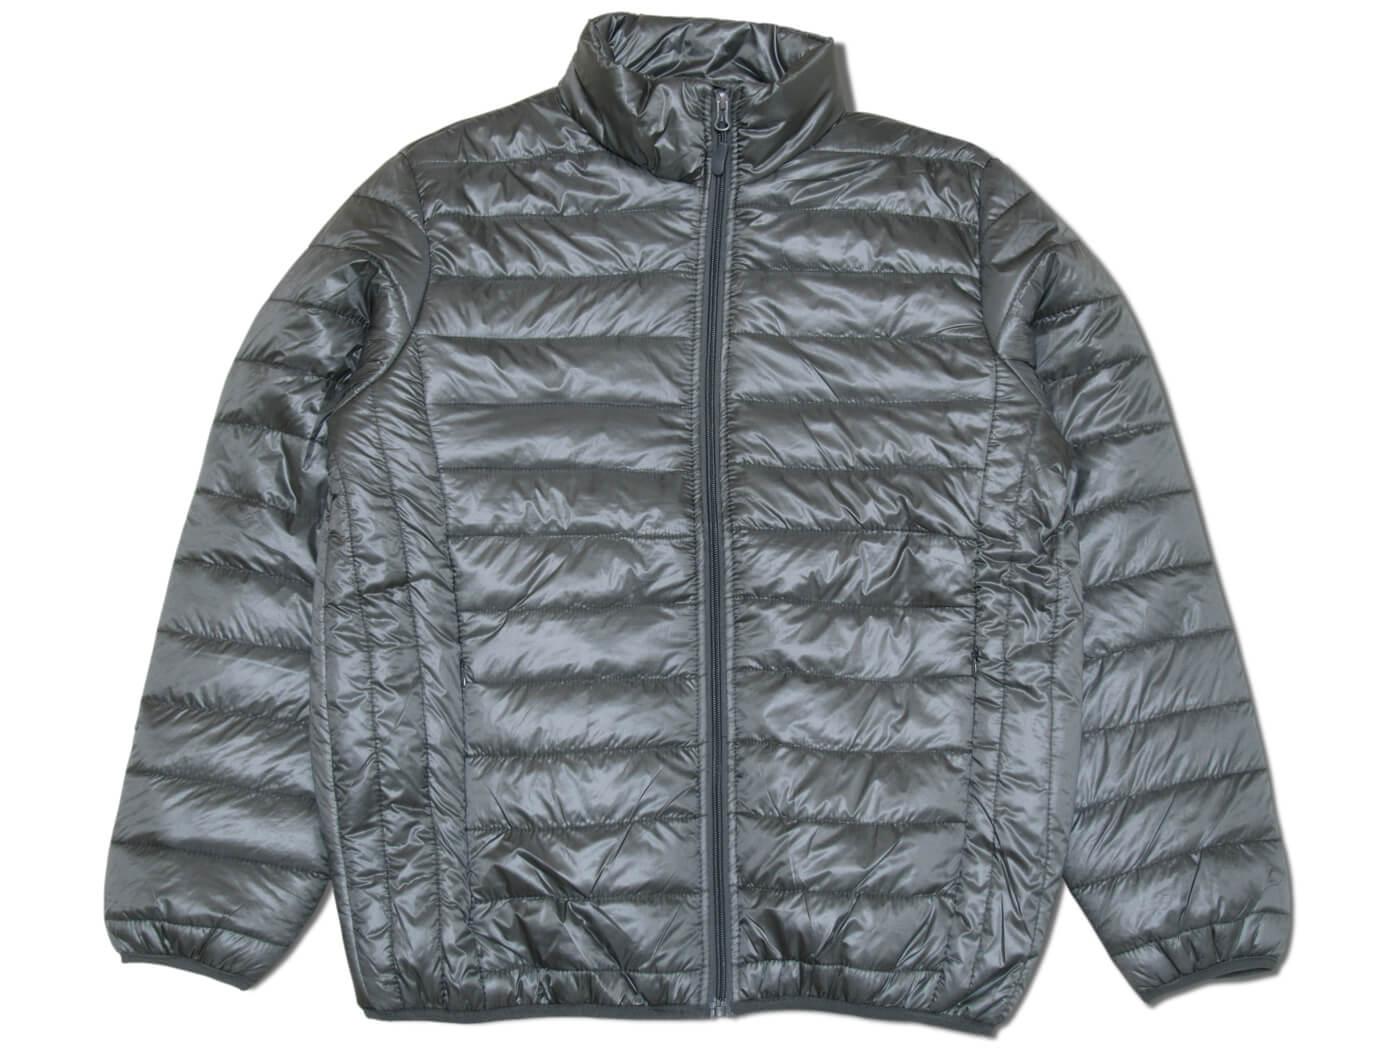 加大尺碼超輕量立領舖棉保暖外套 大尺碼夾克外套 大尺碼騎士外套 大尺碼防寒外套 大尺碼擋風外套 大尺碼休閒外套 鋪棉外套 藍色外套 黑色外套 (321-A831-08)深藍色、(321-A831-21)黑色、、(321-A831-22)灰色、(321-A830-22)灰綠色 5L 6L 7L 8L (胸圍:56~62英吋) [實體店面保障] sun-e 7